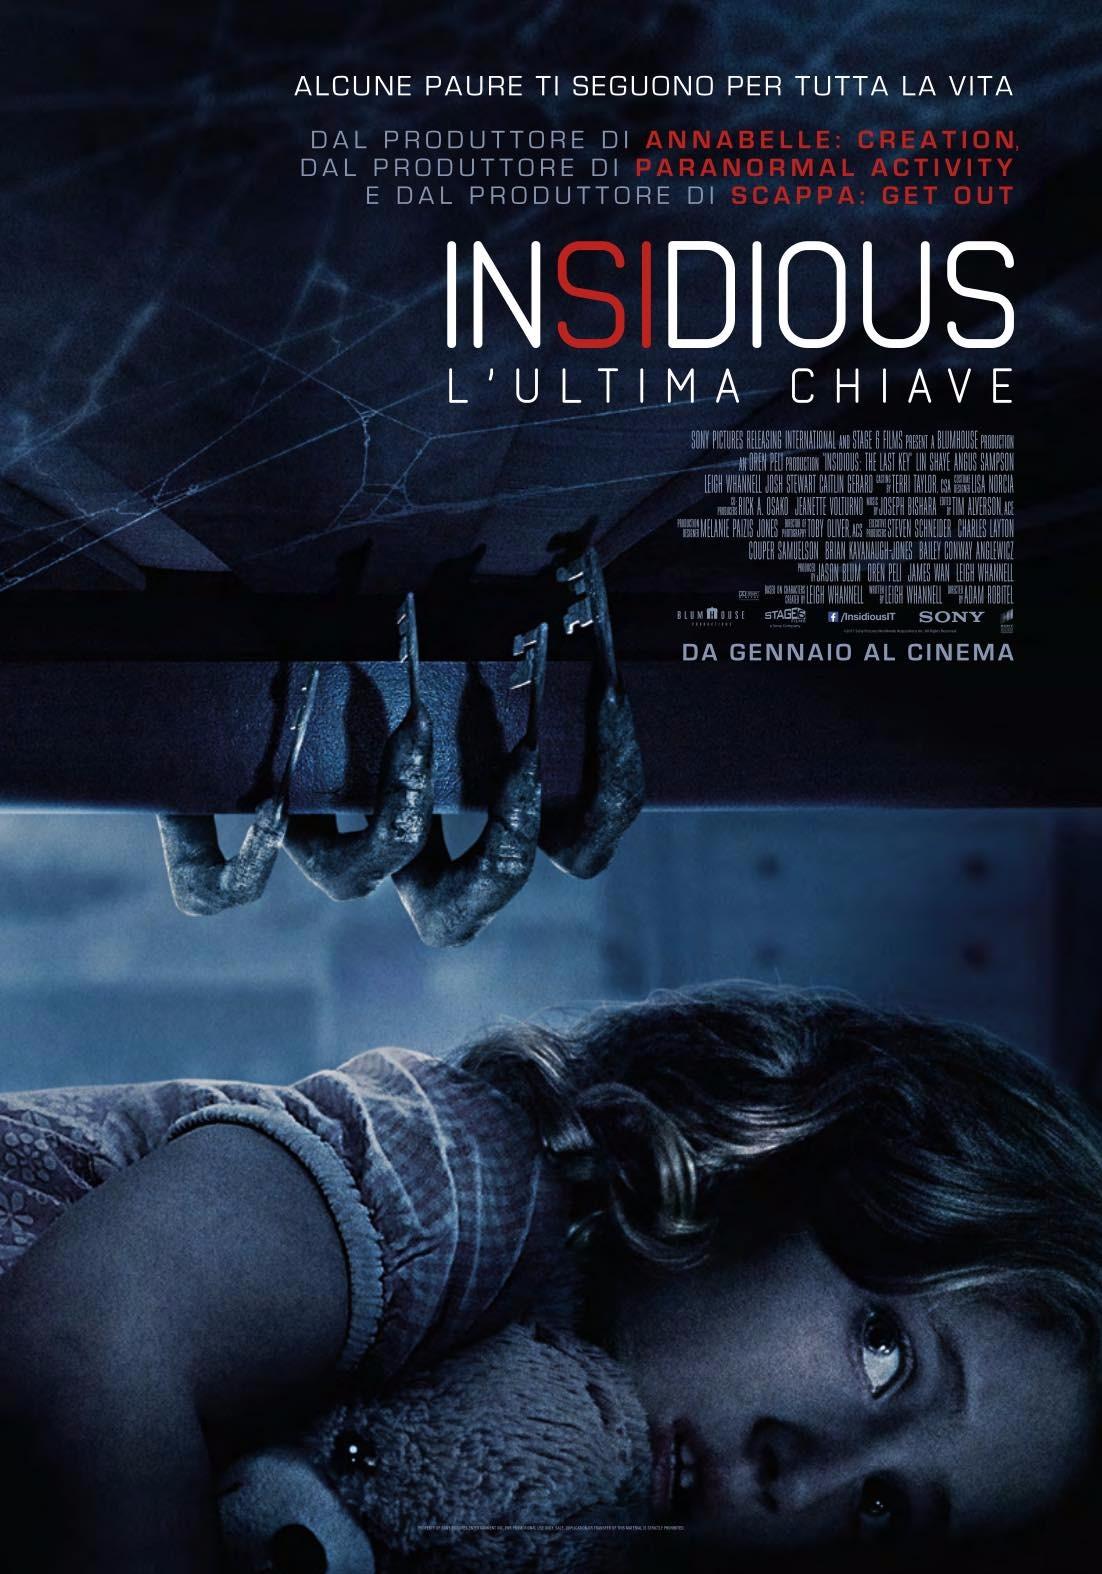 Poster Insidious 4